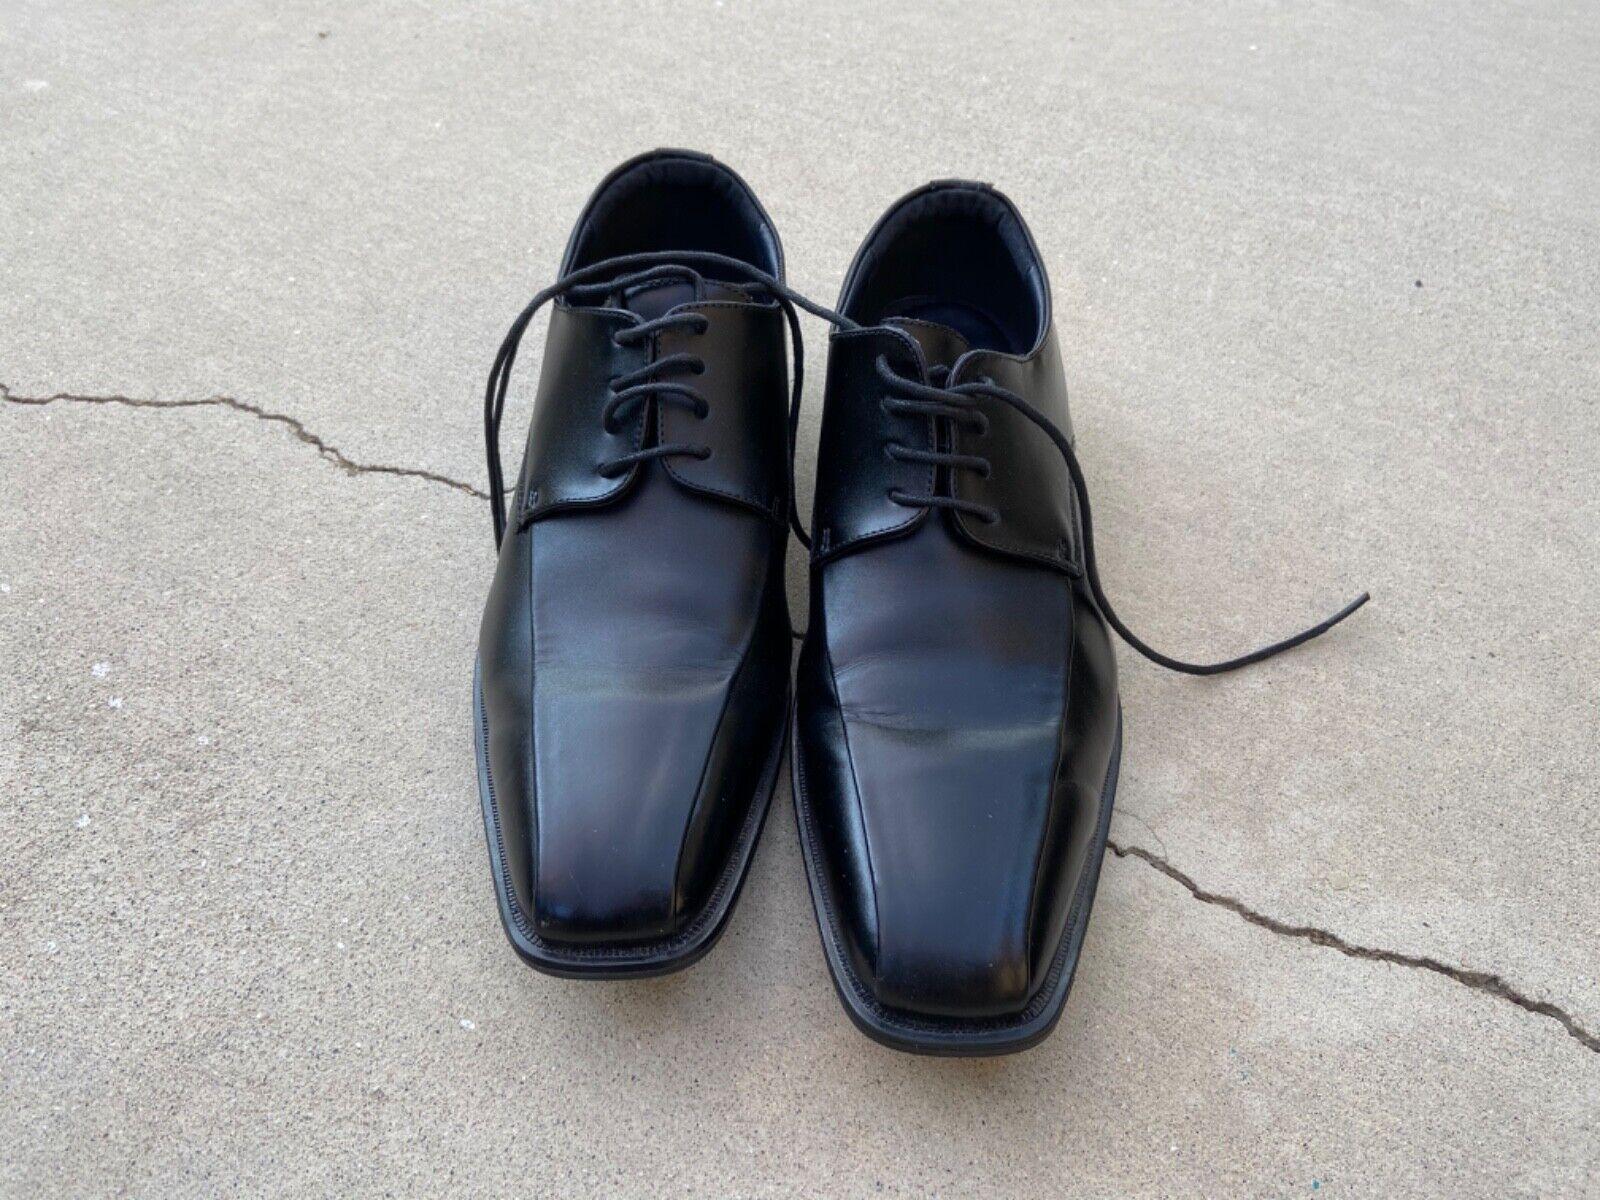 Joseph Abboud Dress Shoes (Mens) - Size 9